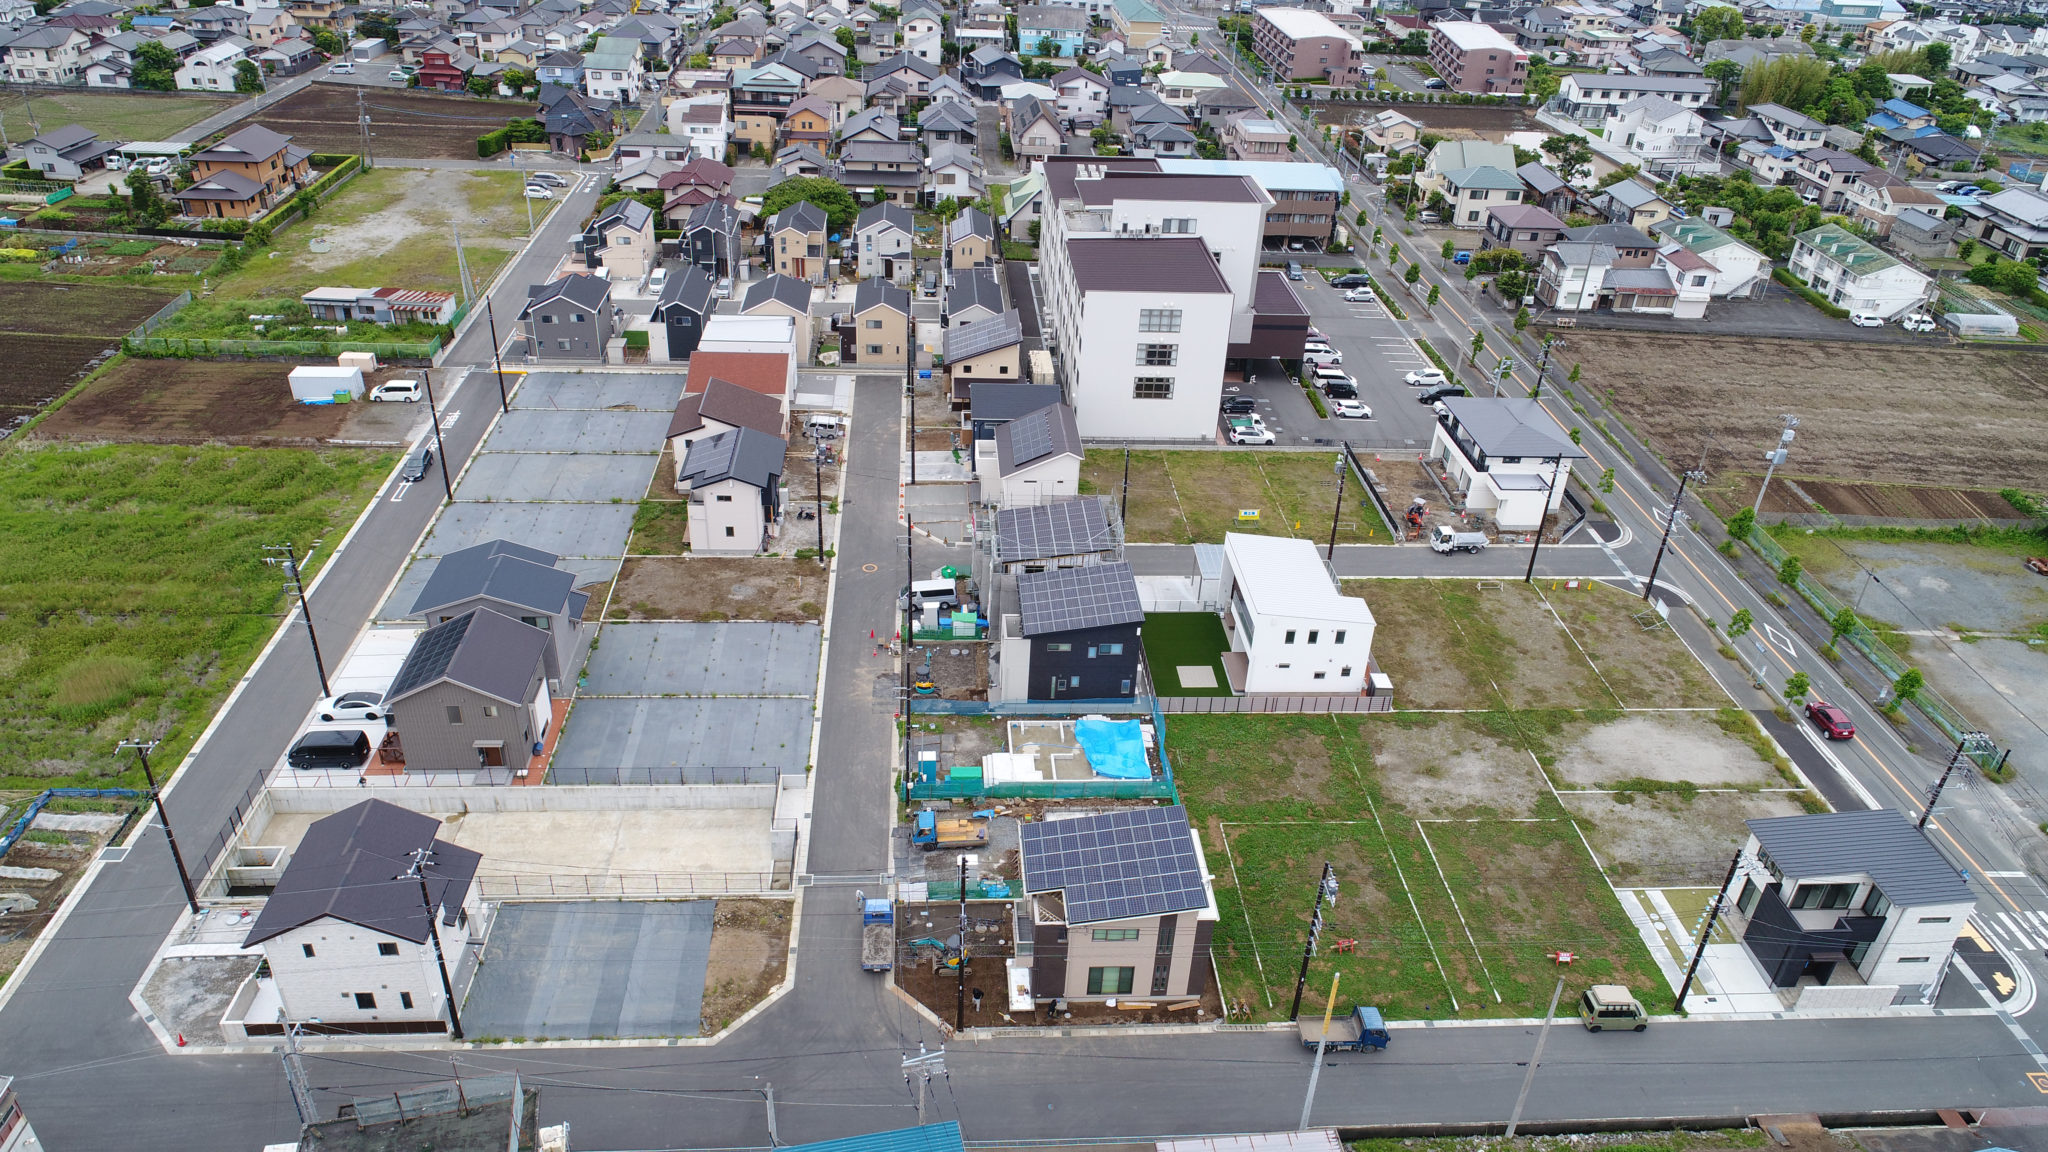 ヨシコンの分譲地「エンブルタウン」のポイント#1